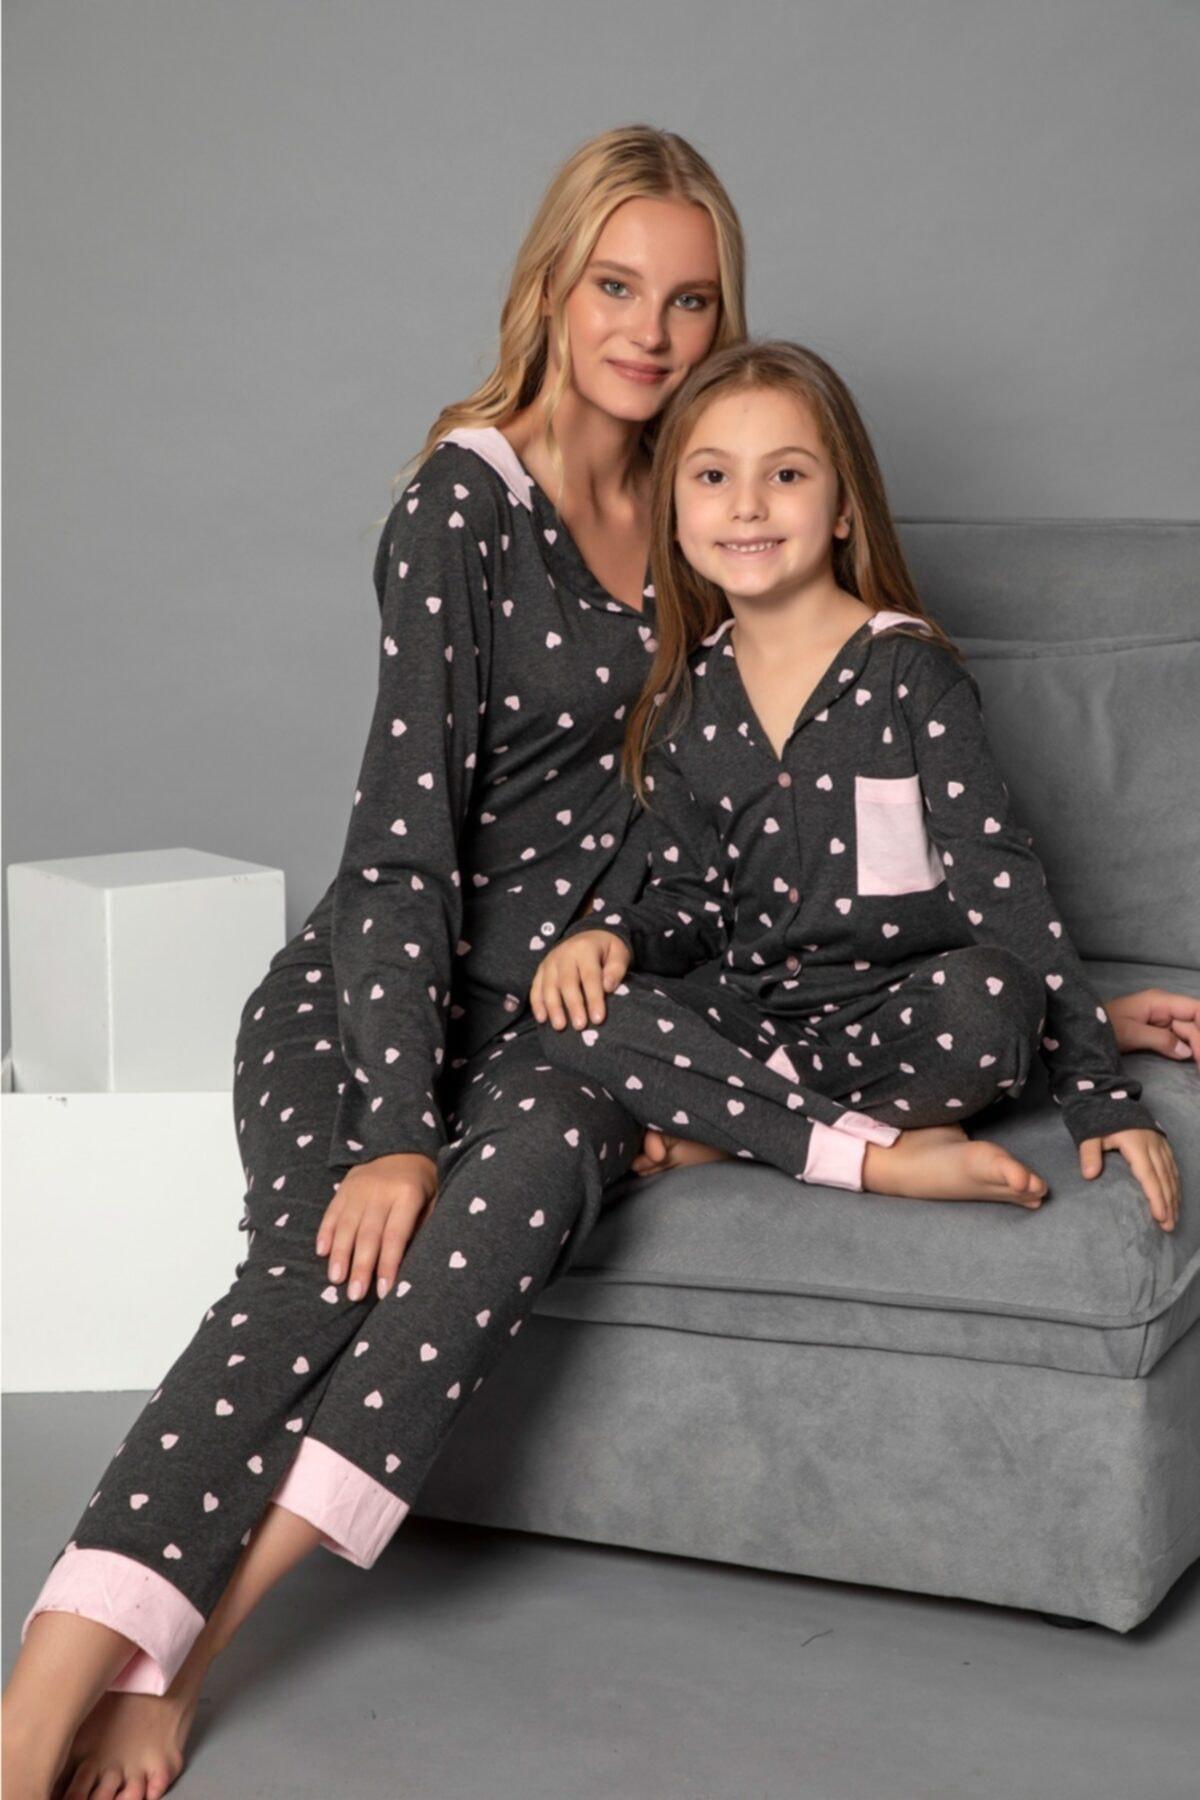 modalizy Anne Kız Siyah Kalp Desenli Pijama Kombinleri 1